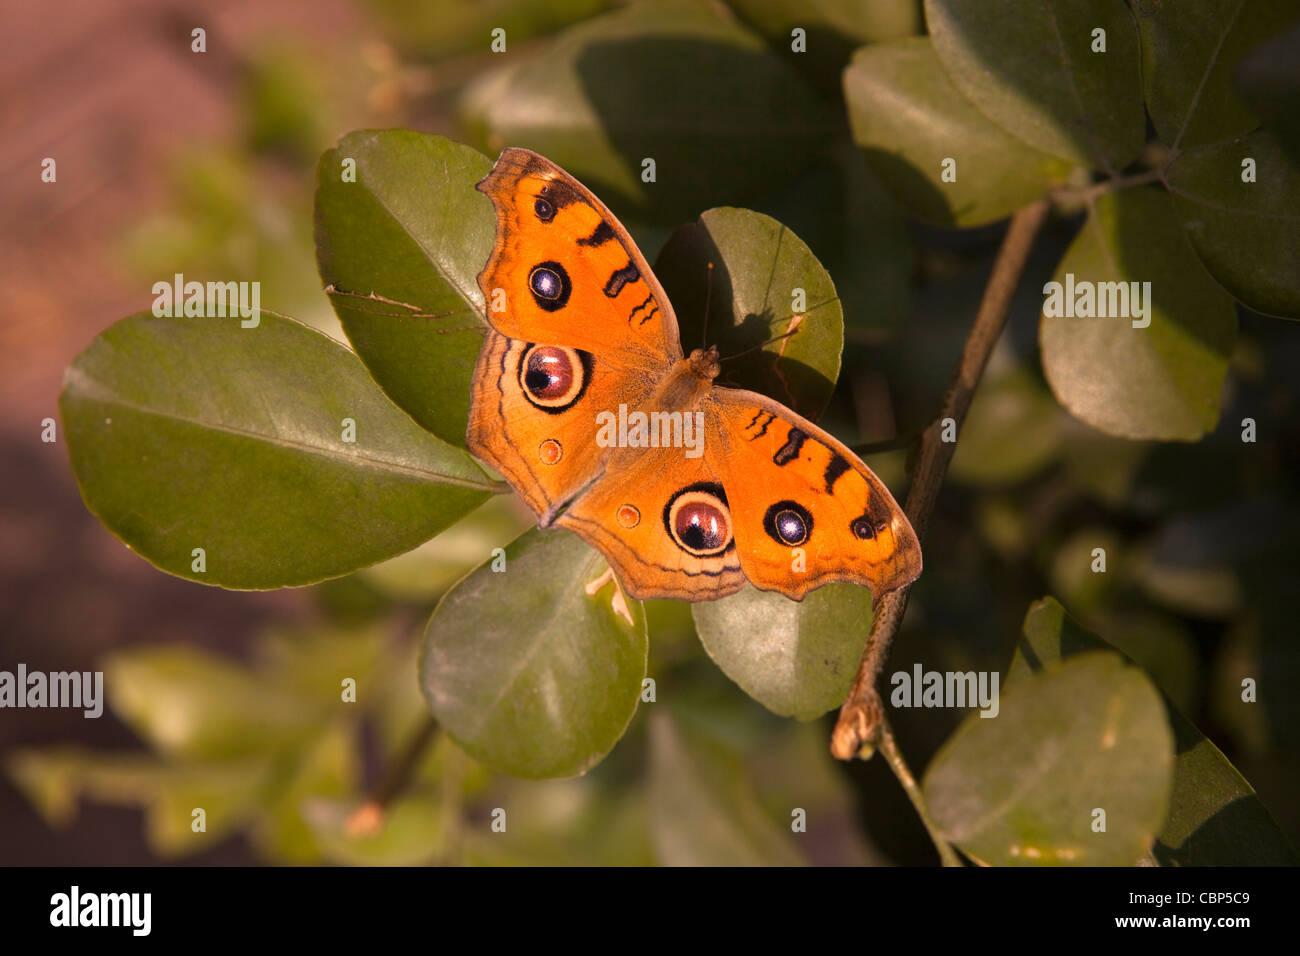 India, Bihar, Bodhgaya,, Peacock Pansy butterfly, preciso almana appoggiata nella luce del sole sulla boccola Immagini Stock